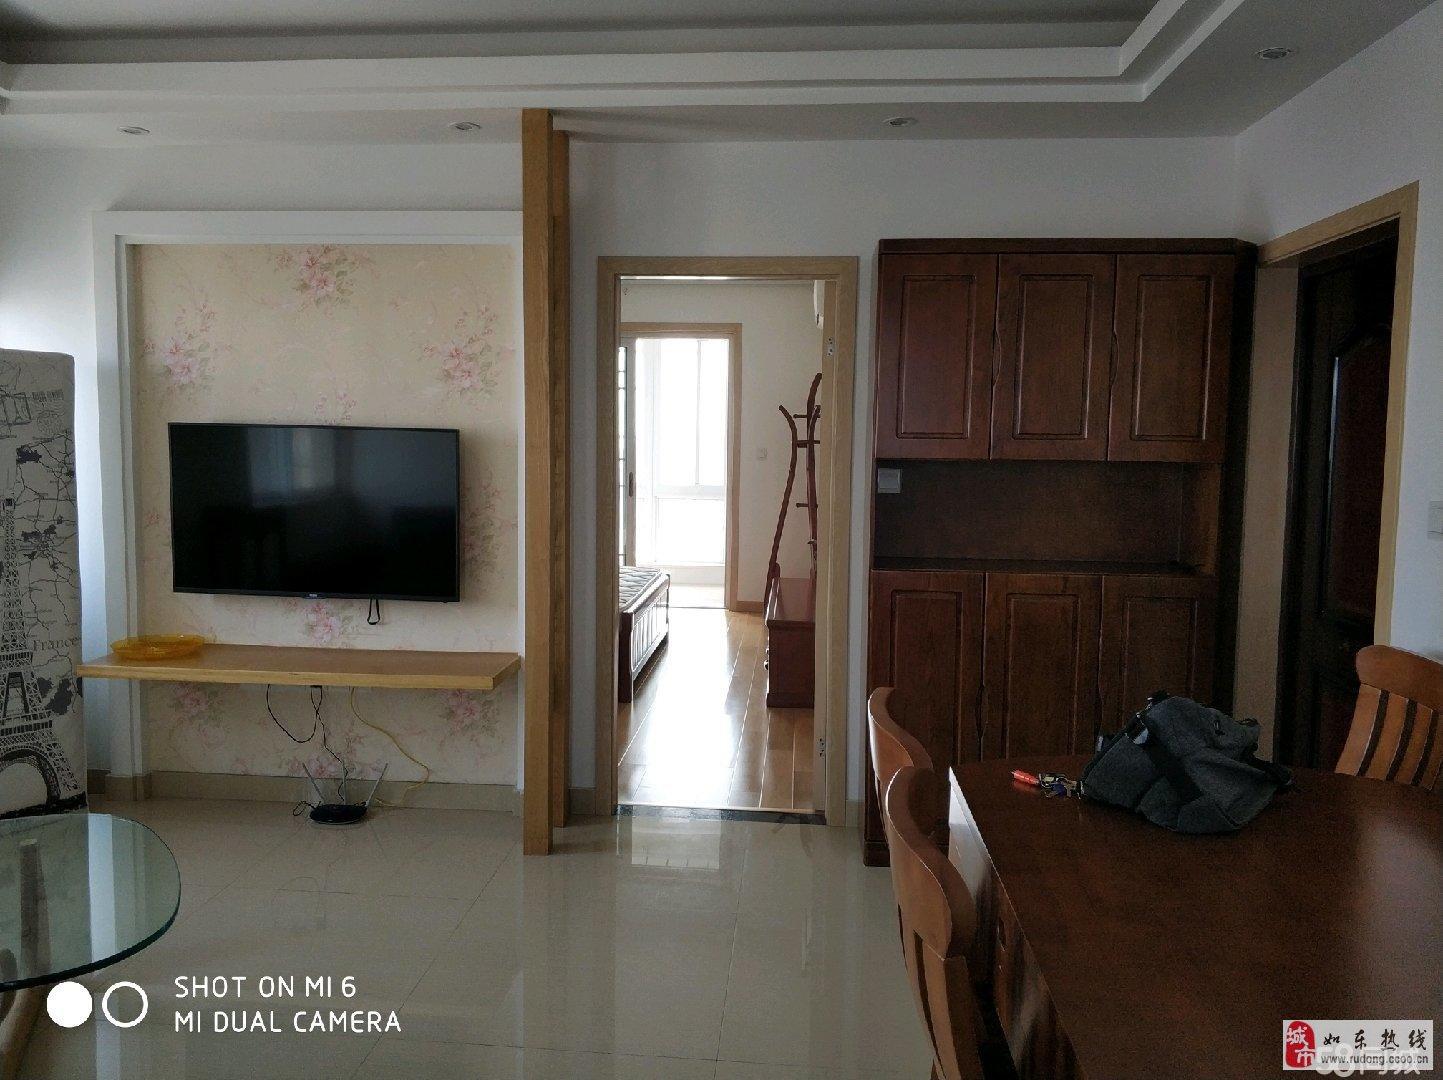 名都公寓80平米精装修2室精装修总价75万附房车位另算